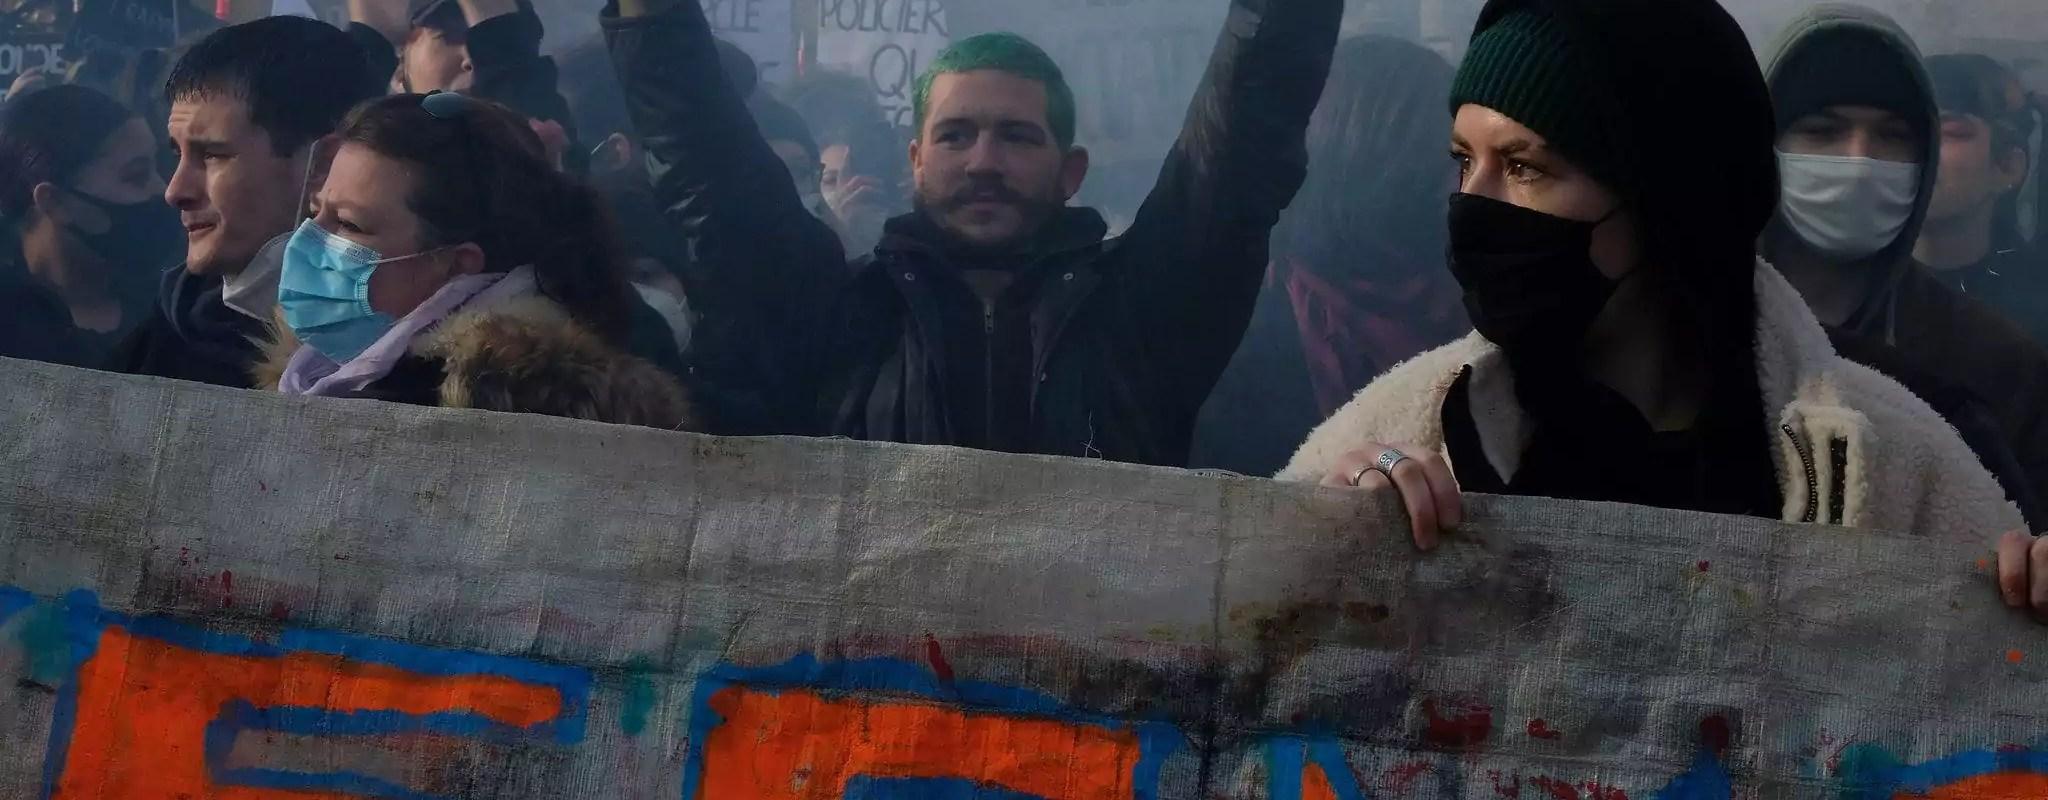 Cinquième manifestation à Strasbourg samedi contre la loi de sécurité globale